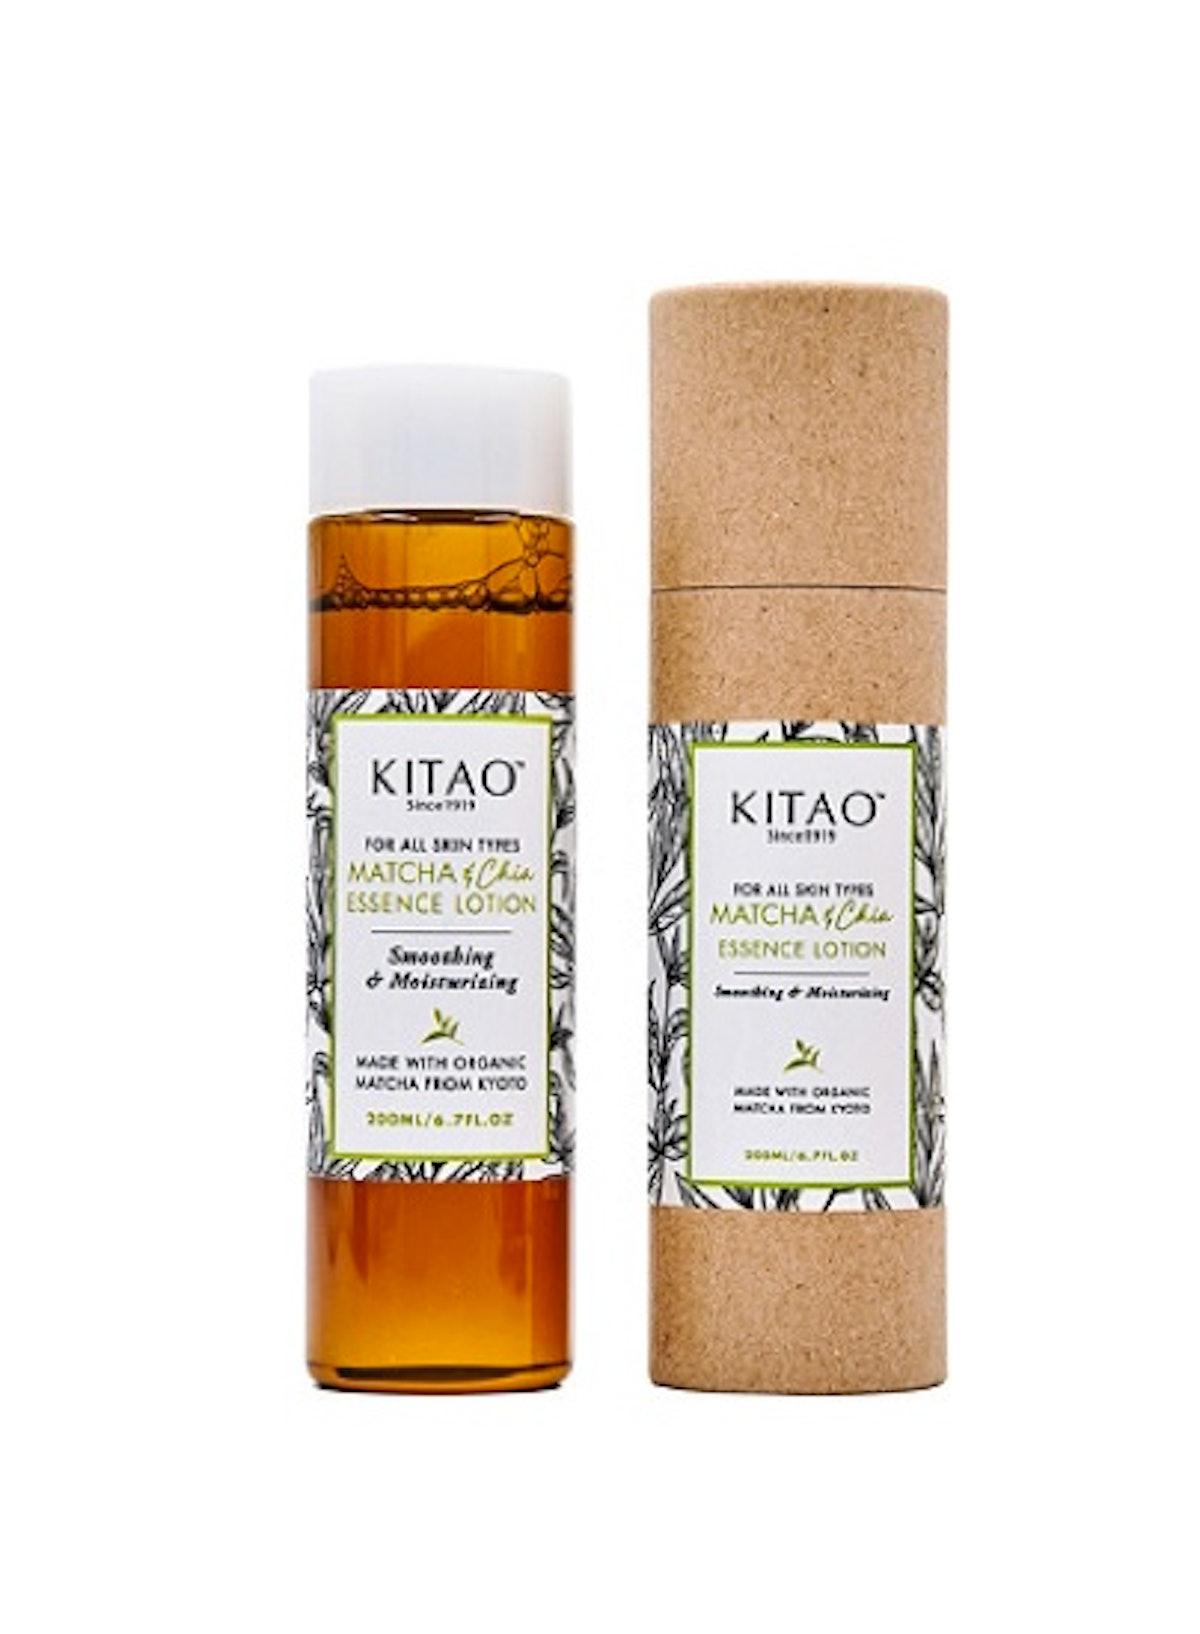 Kitao Matcha + Chia Essence Lotion